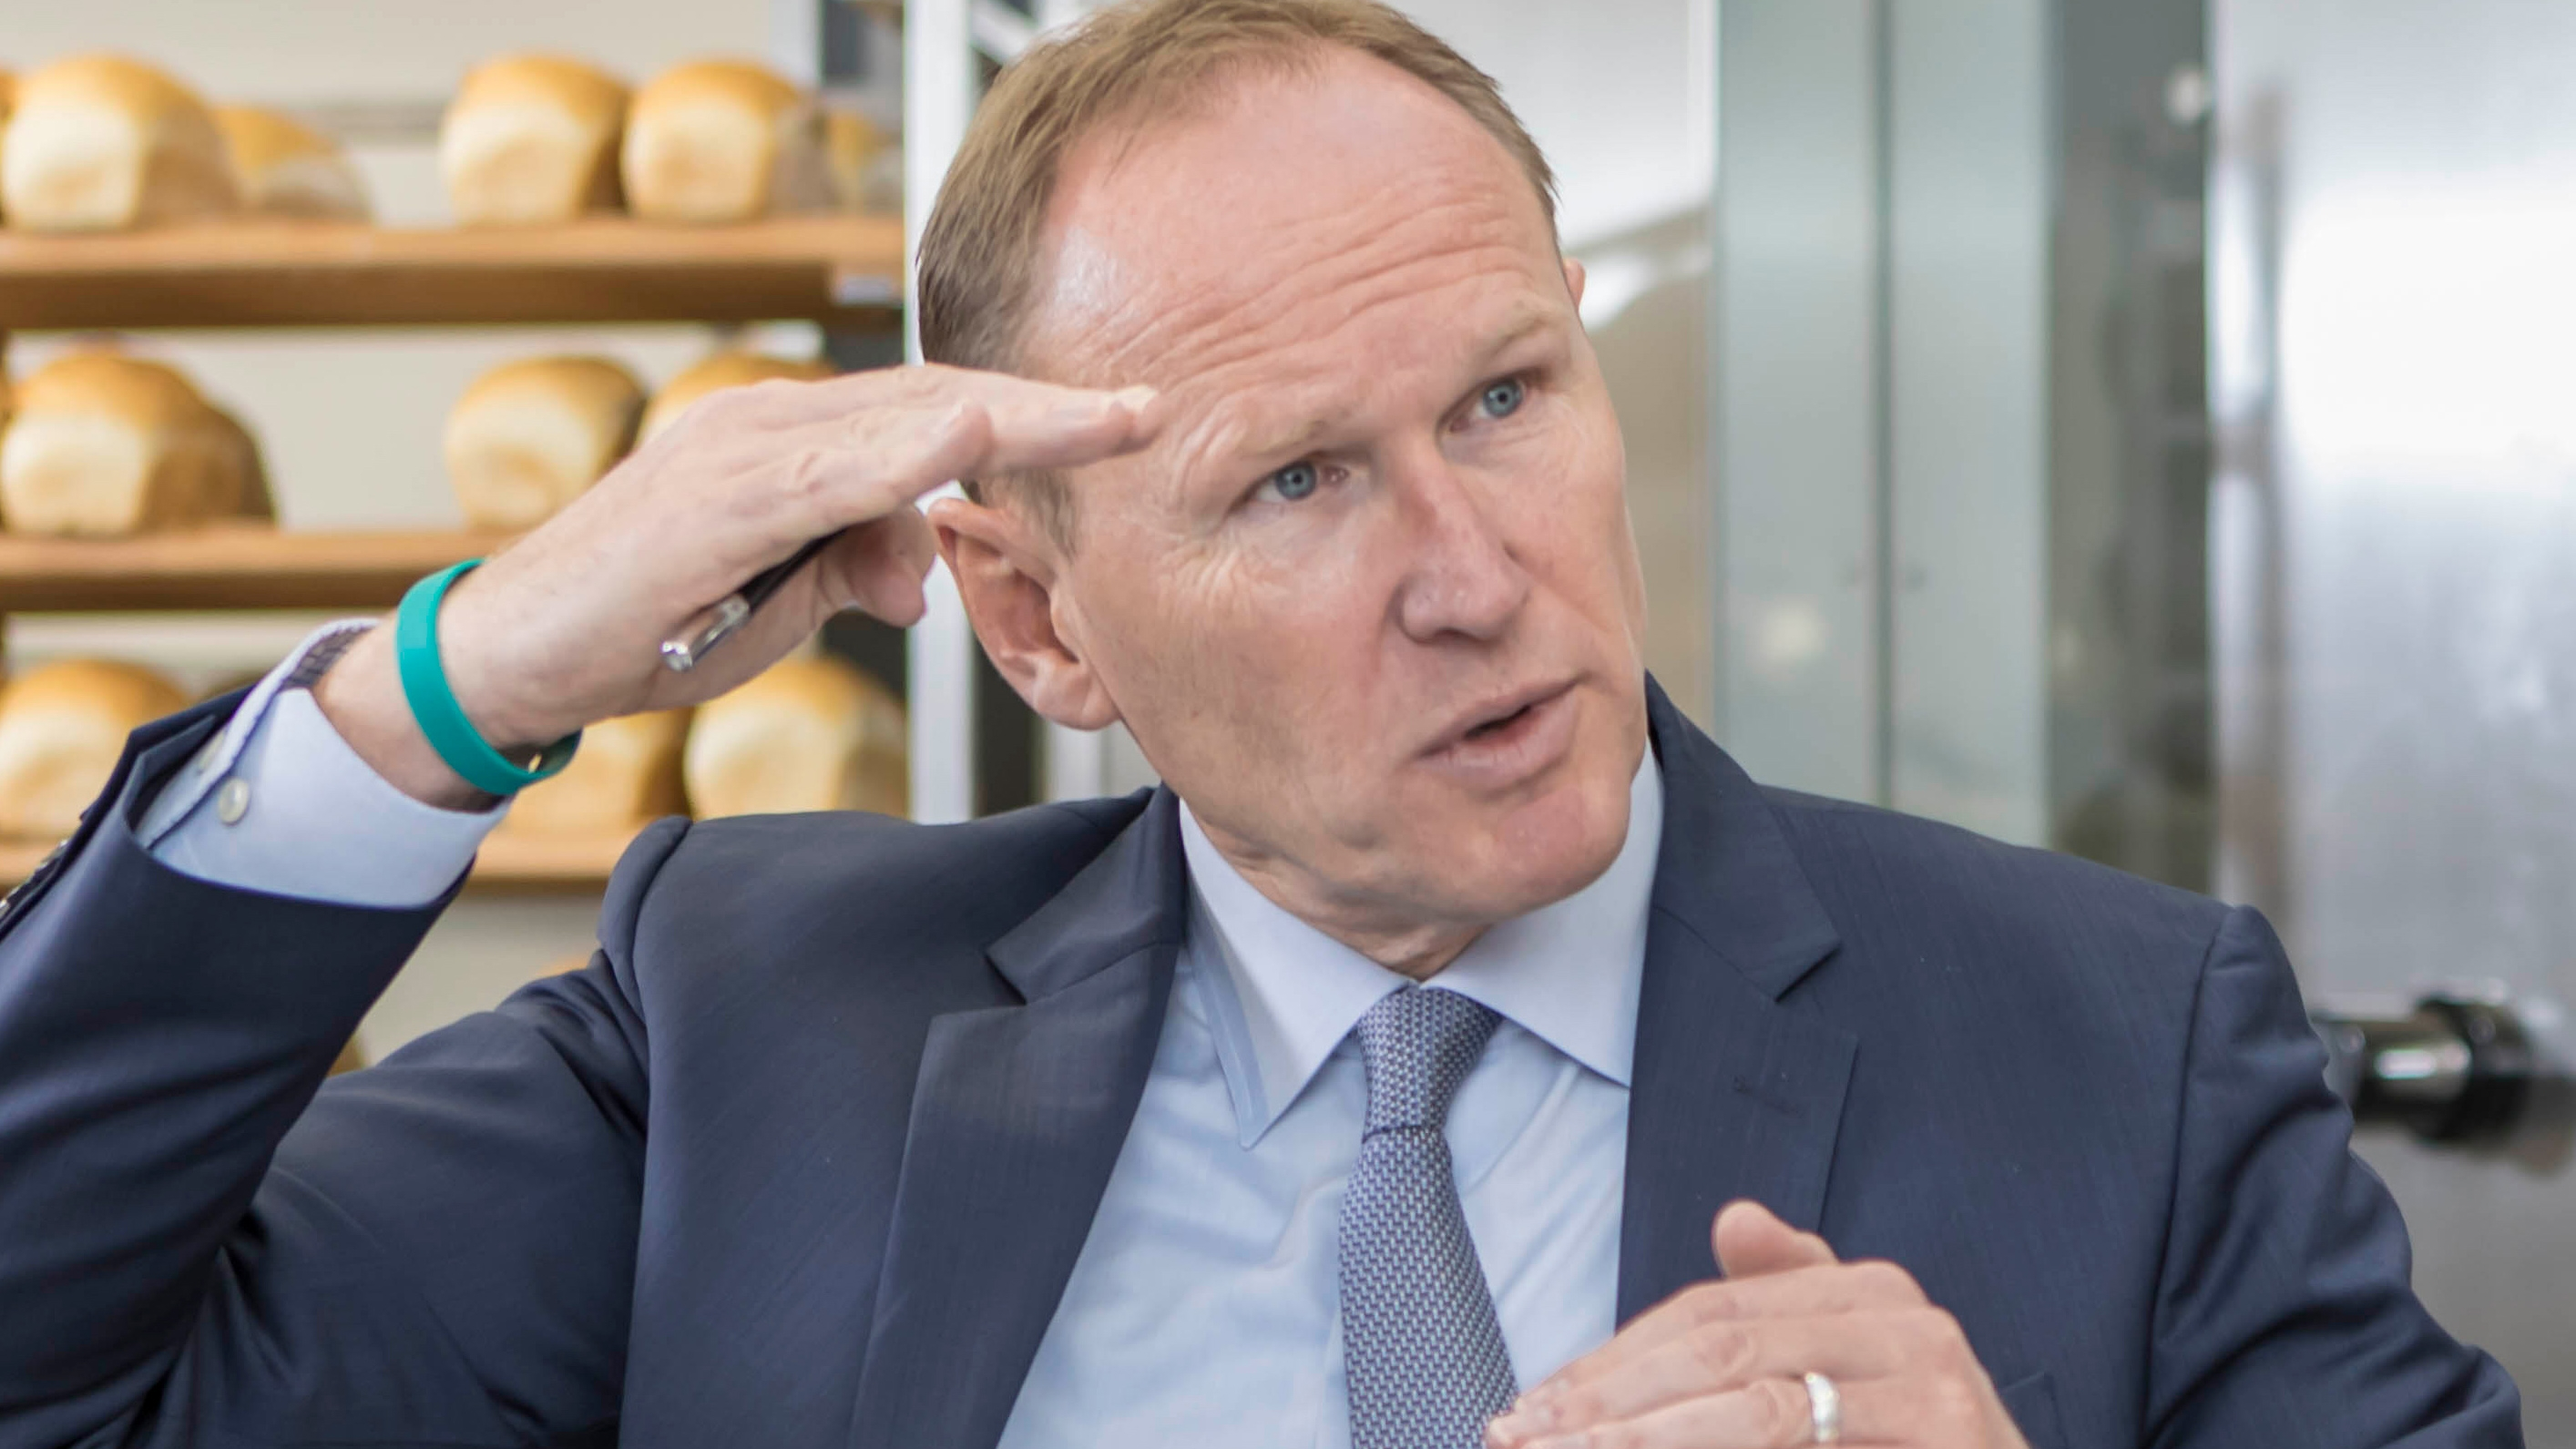 Interview mit Stefan Scheiber, CEO Bühler (08.02.2018)